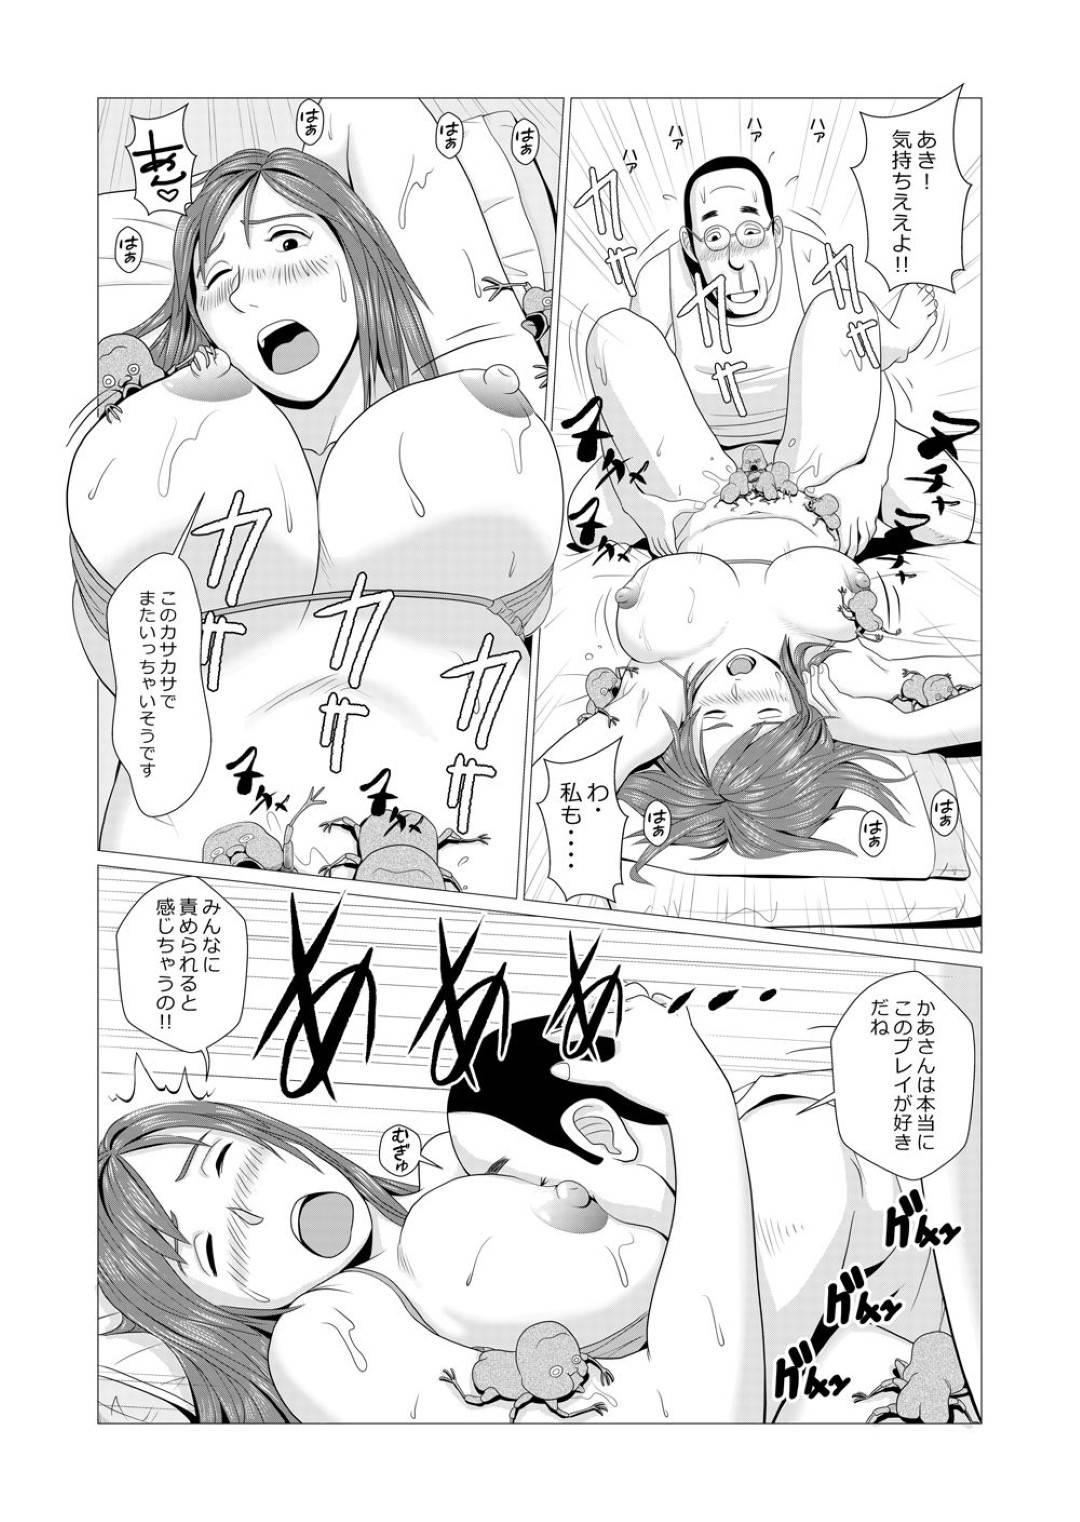 昆虫たちに襲われちゃうど変態な人妻…乳首舐めされたりキスしたりして中出しセックスしちゃう!【falcon115:人妻昆虫遊戯 巨乳妻とワラベムシ15匹の戯れ】